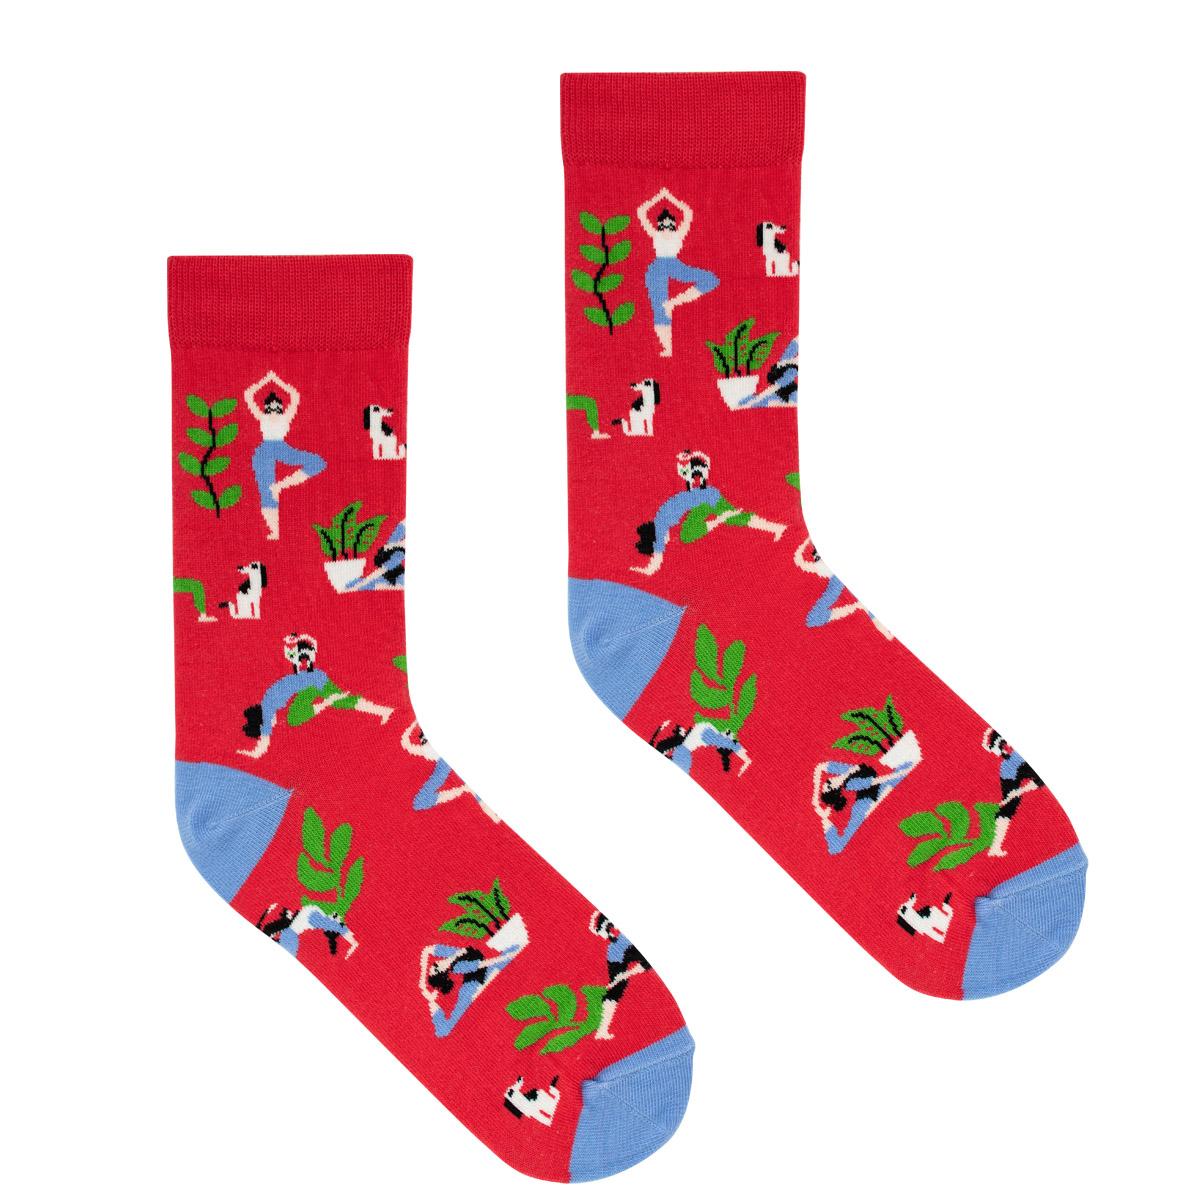 socks_patterned_yoga_red_36-41_kabak_5903678204280